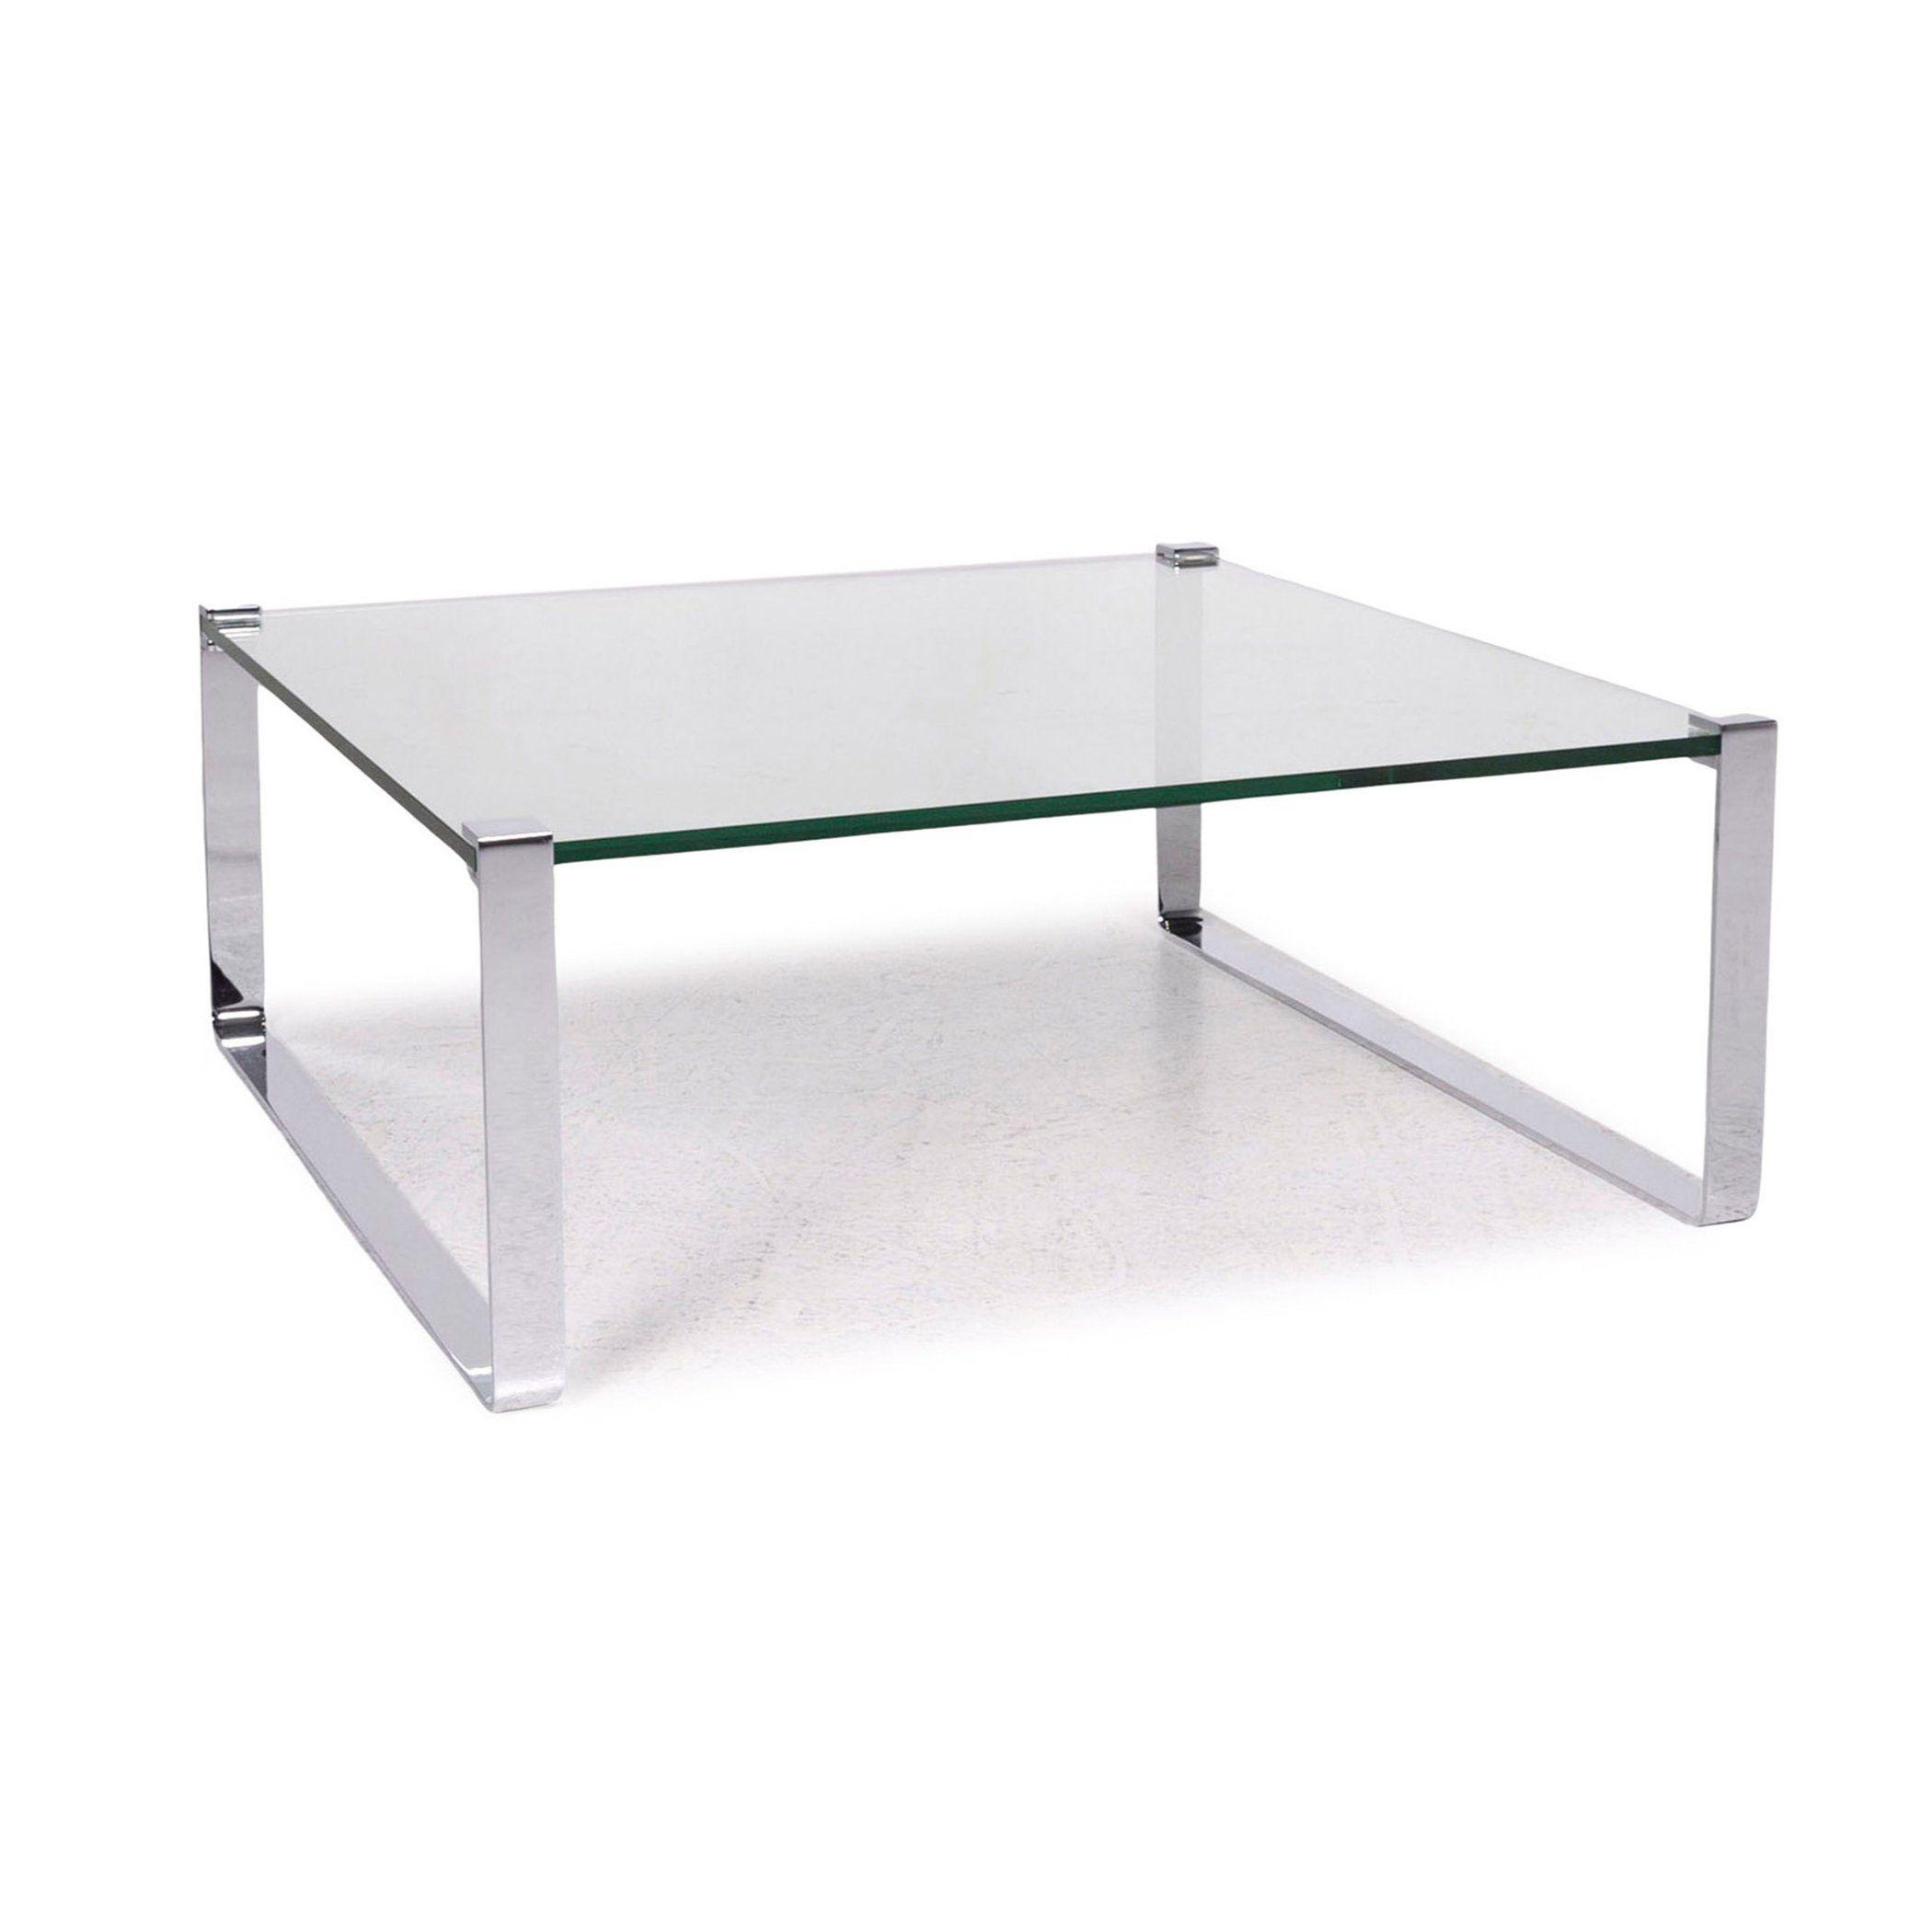 Beistelltisch In 2020 Online Mobel Couchtisch Silber Tisch